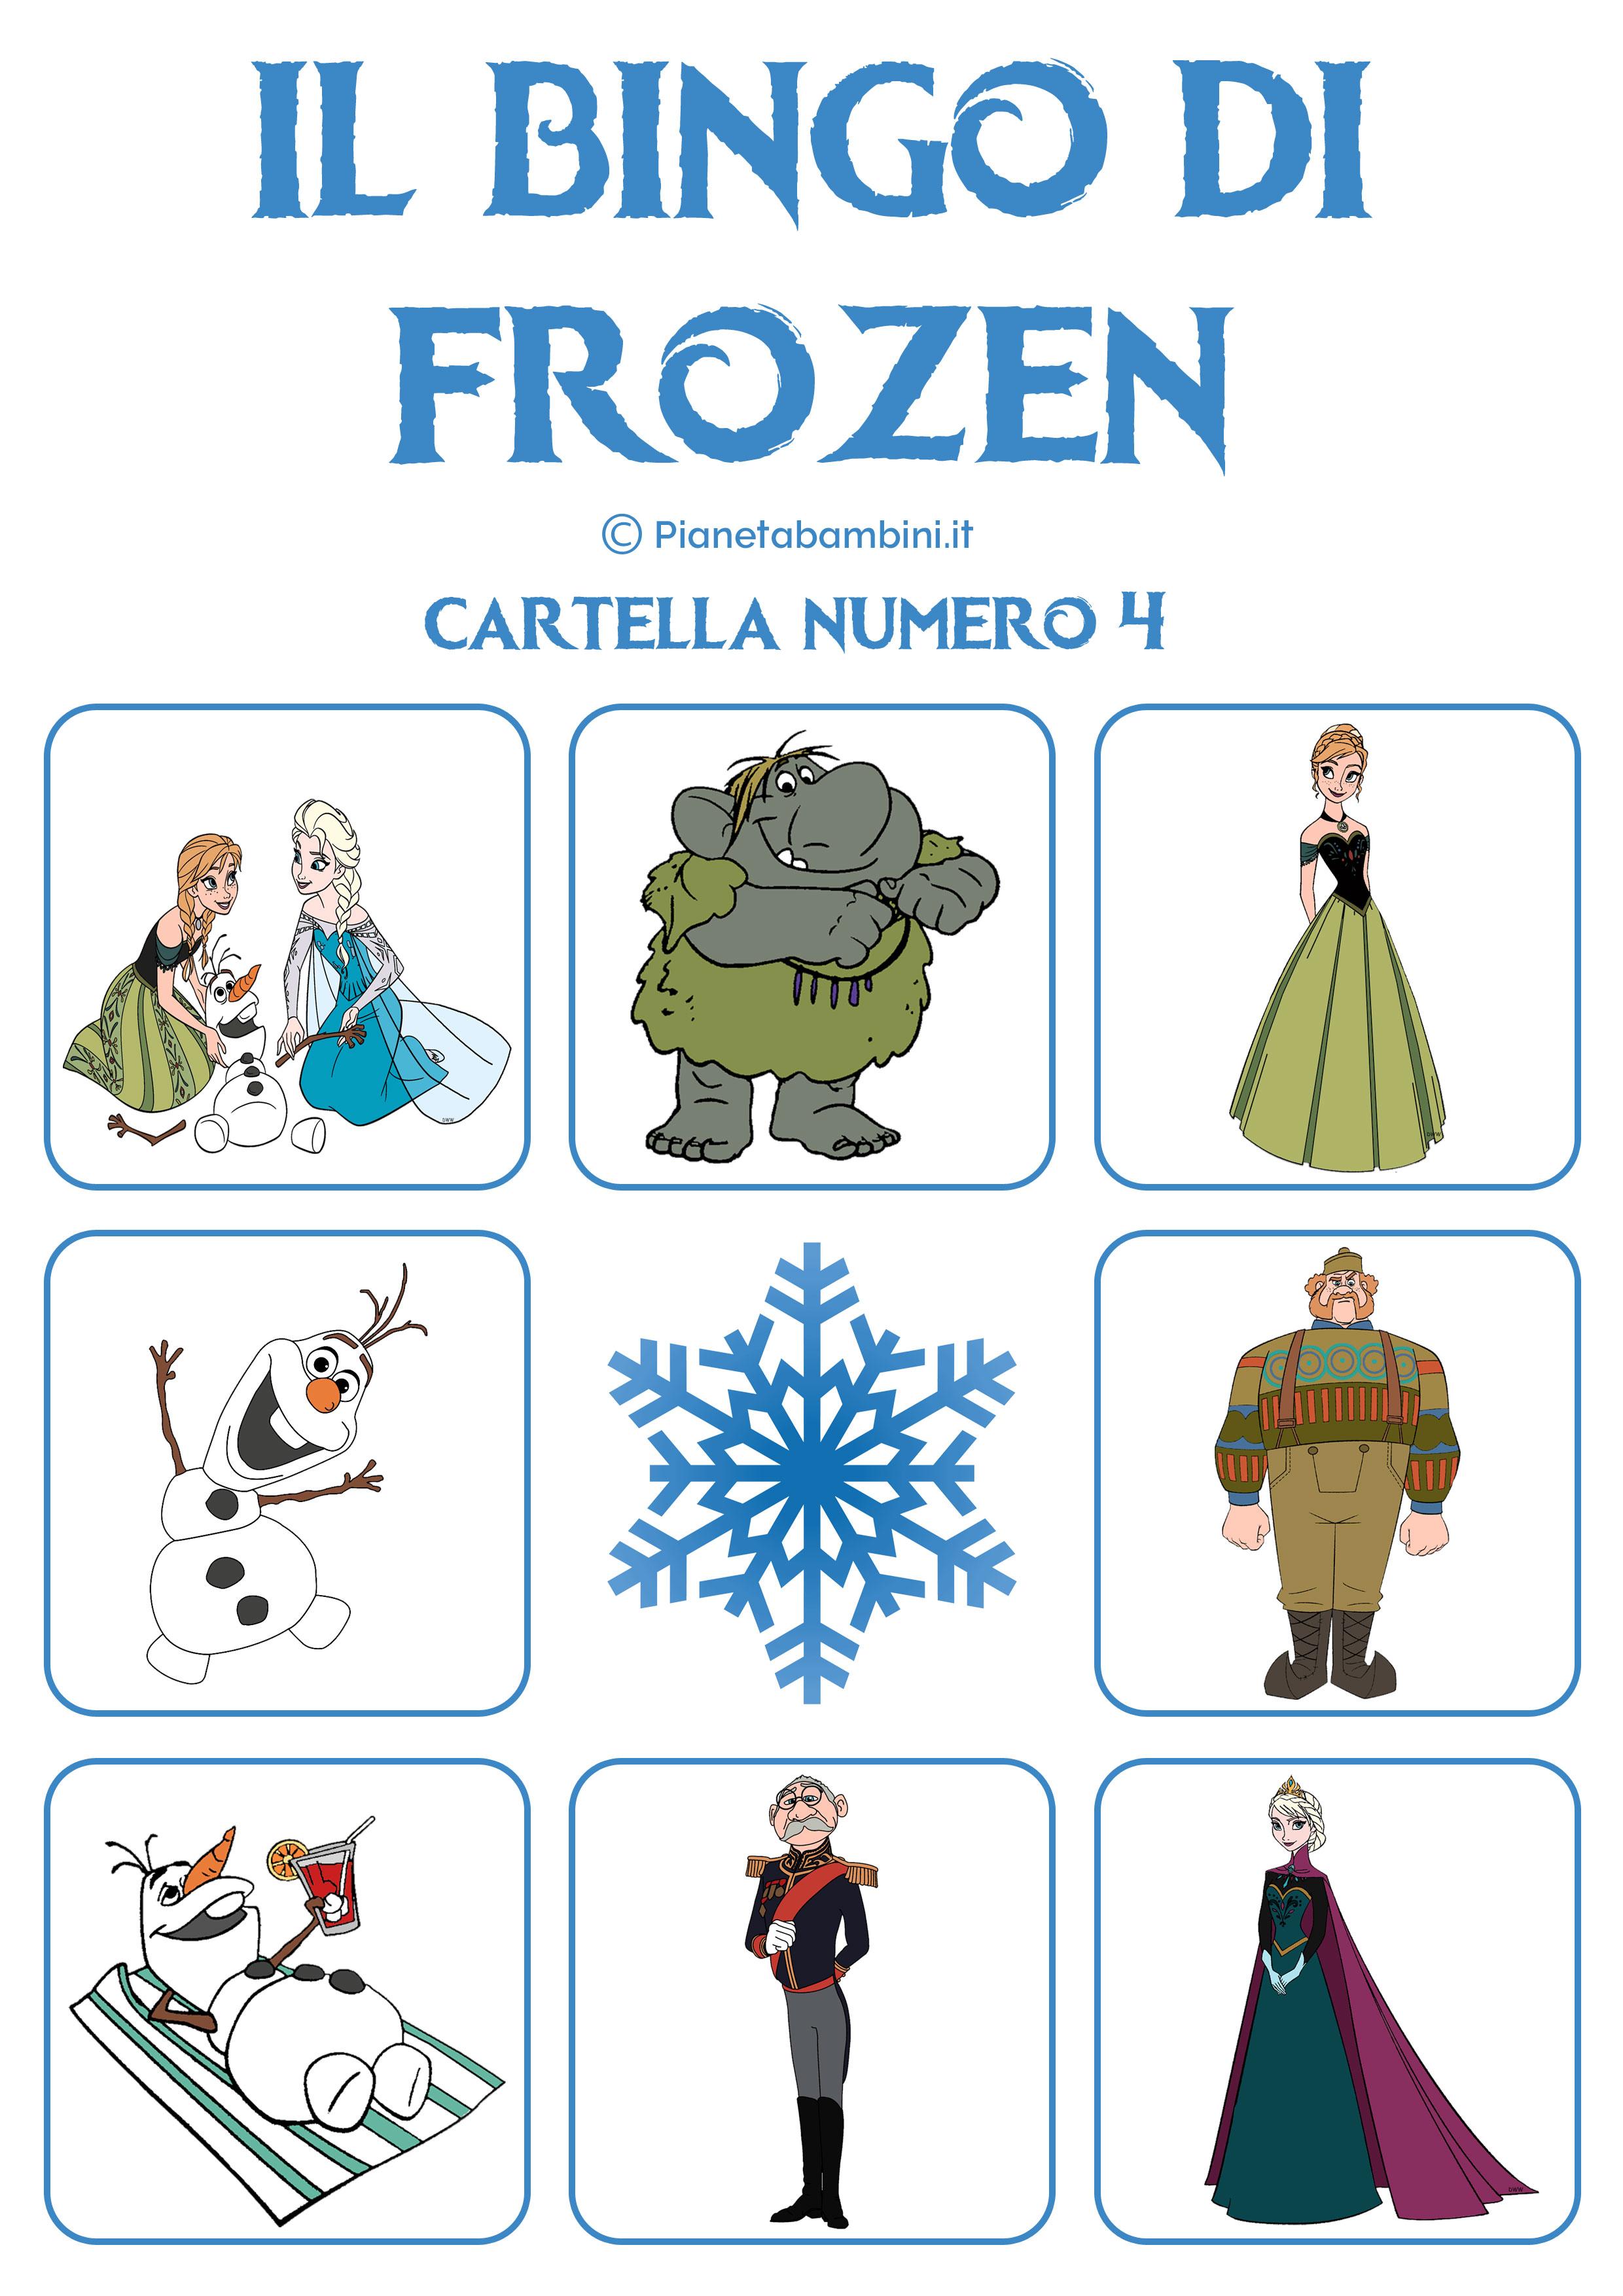 Bingo-Frozen-Cartella-4